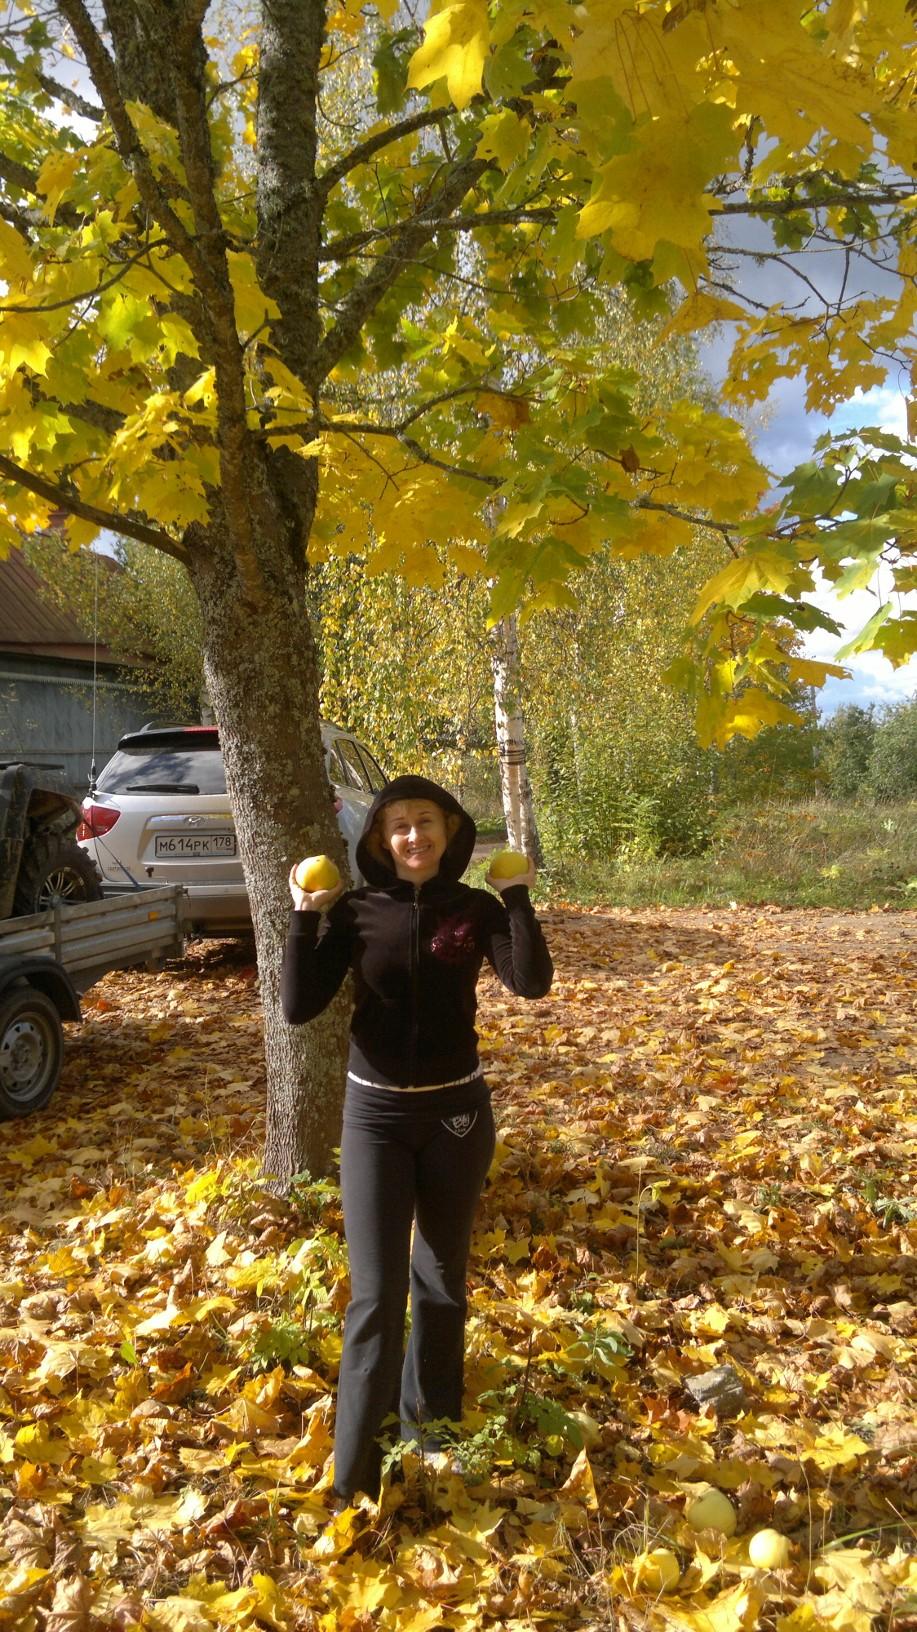 Осень, ура, у нас снова урожай яблок,приглашаю). Осенний образ